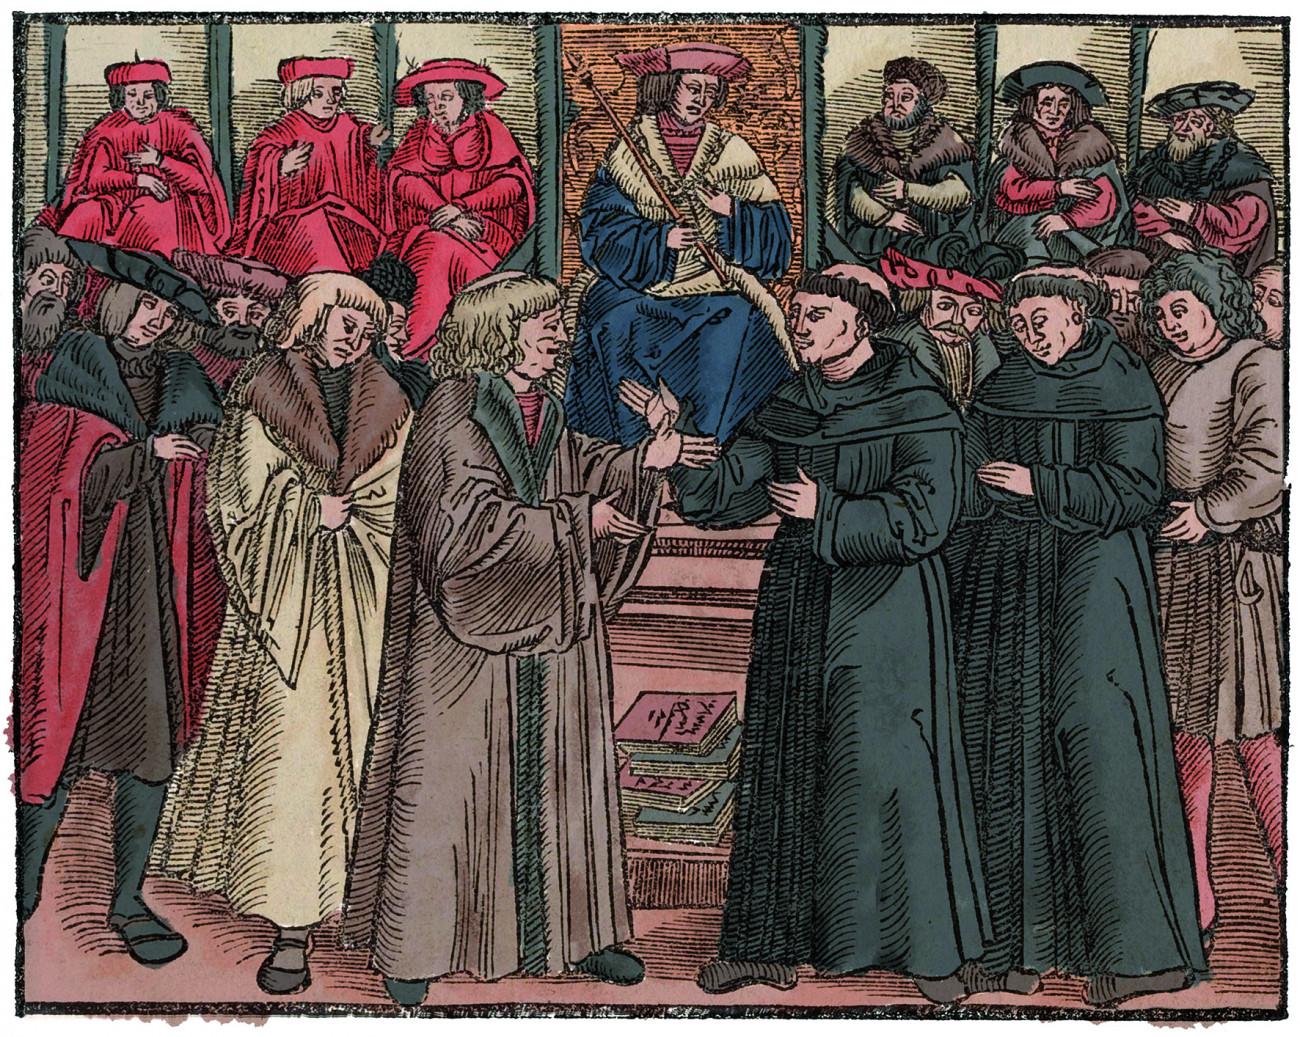 Hier stehe ich. Gewissen und Protest – 1521 bis 2021, Hier stehe ich. Gewissen und Protest – 1521 bis 2021 Luther vor Kaiser Karl V. auf dem Reichstag in Worms 1521